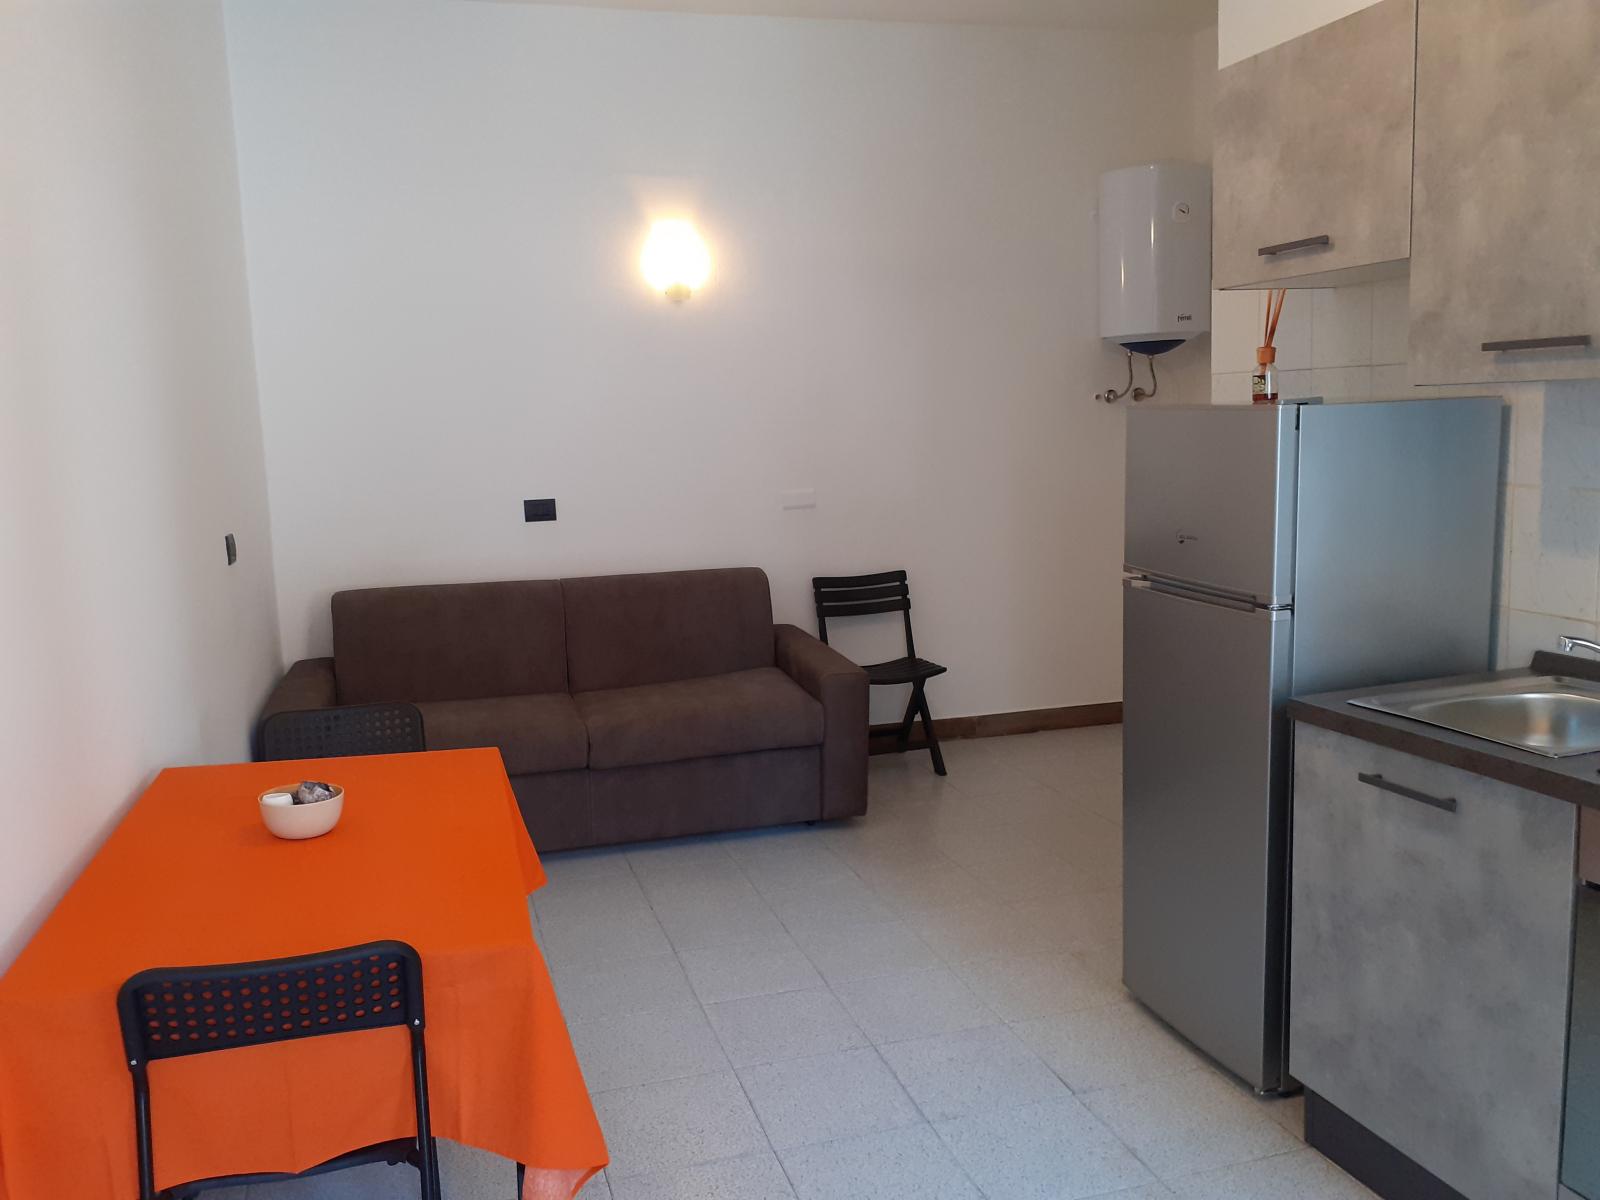 appartamento-in-vendita-a-baggio-milano-monolocale-65.000-euro-spaziourbano-immobiliare-vende-7